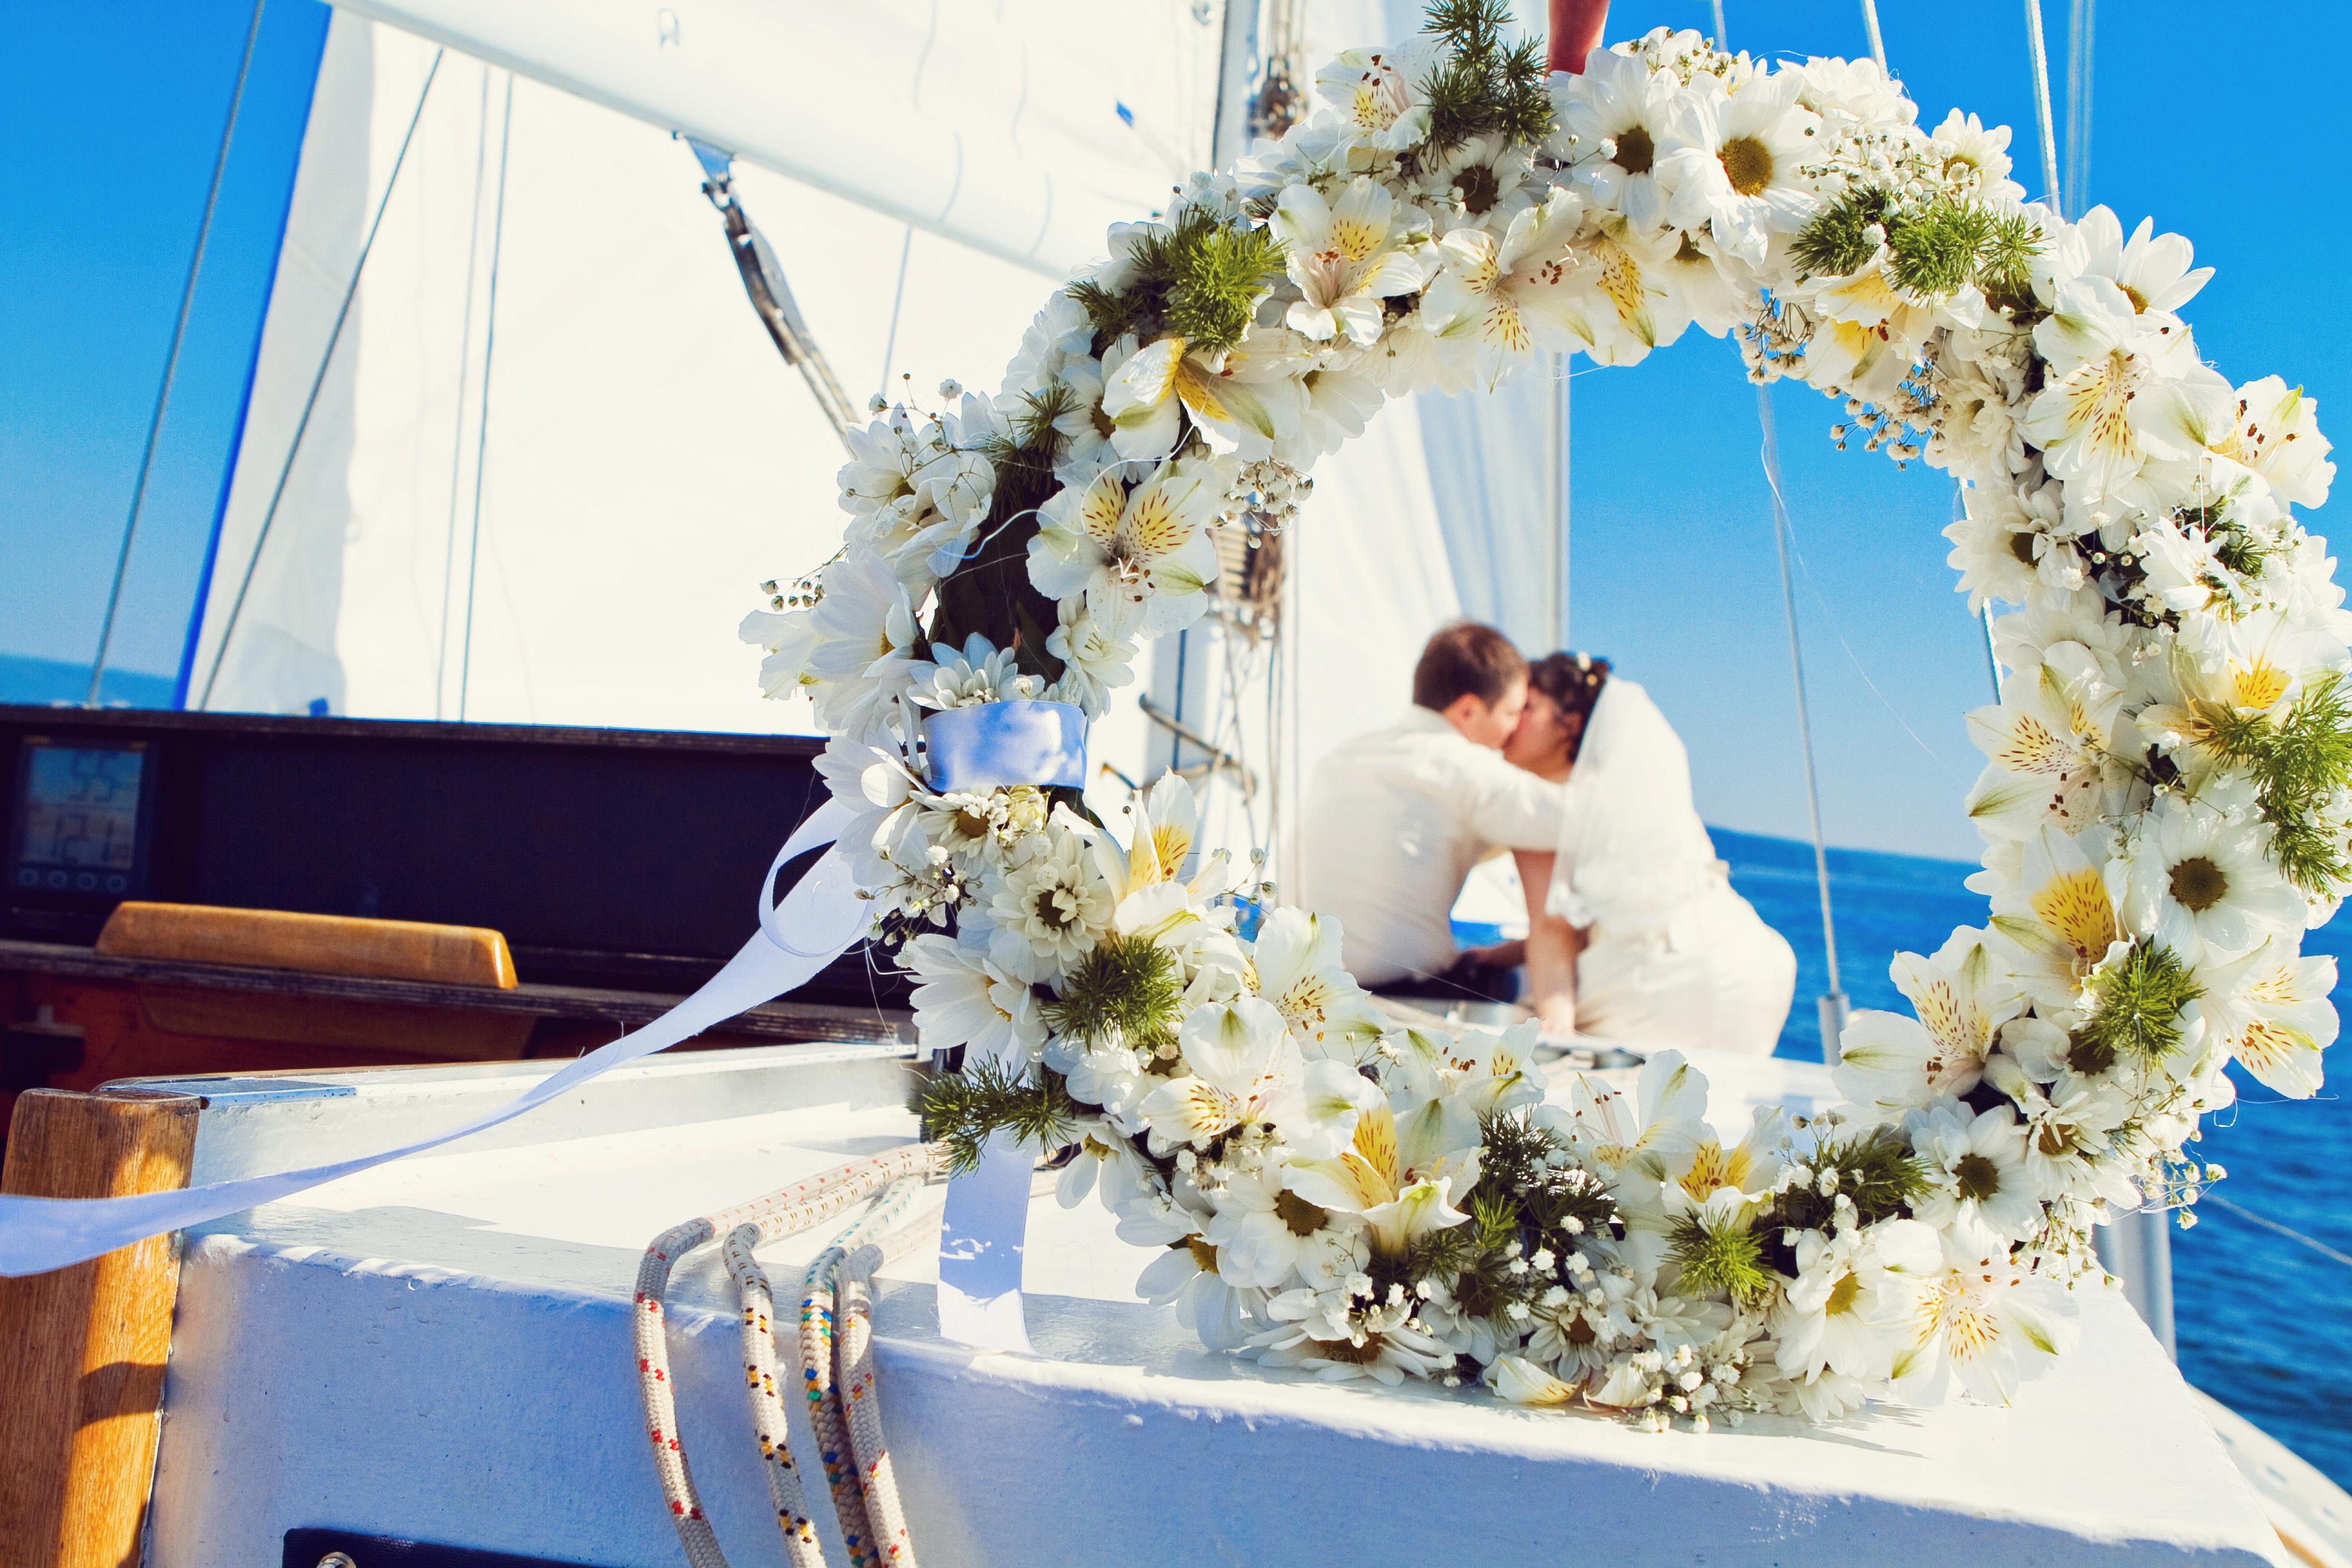 Проведение свадьбы дома сценарий